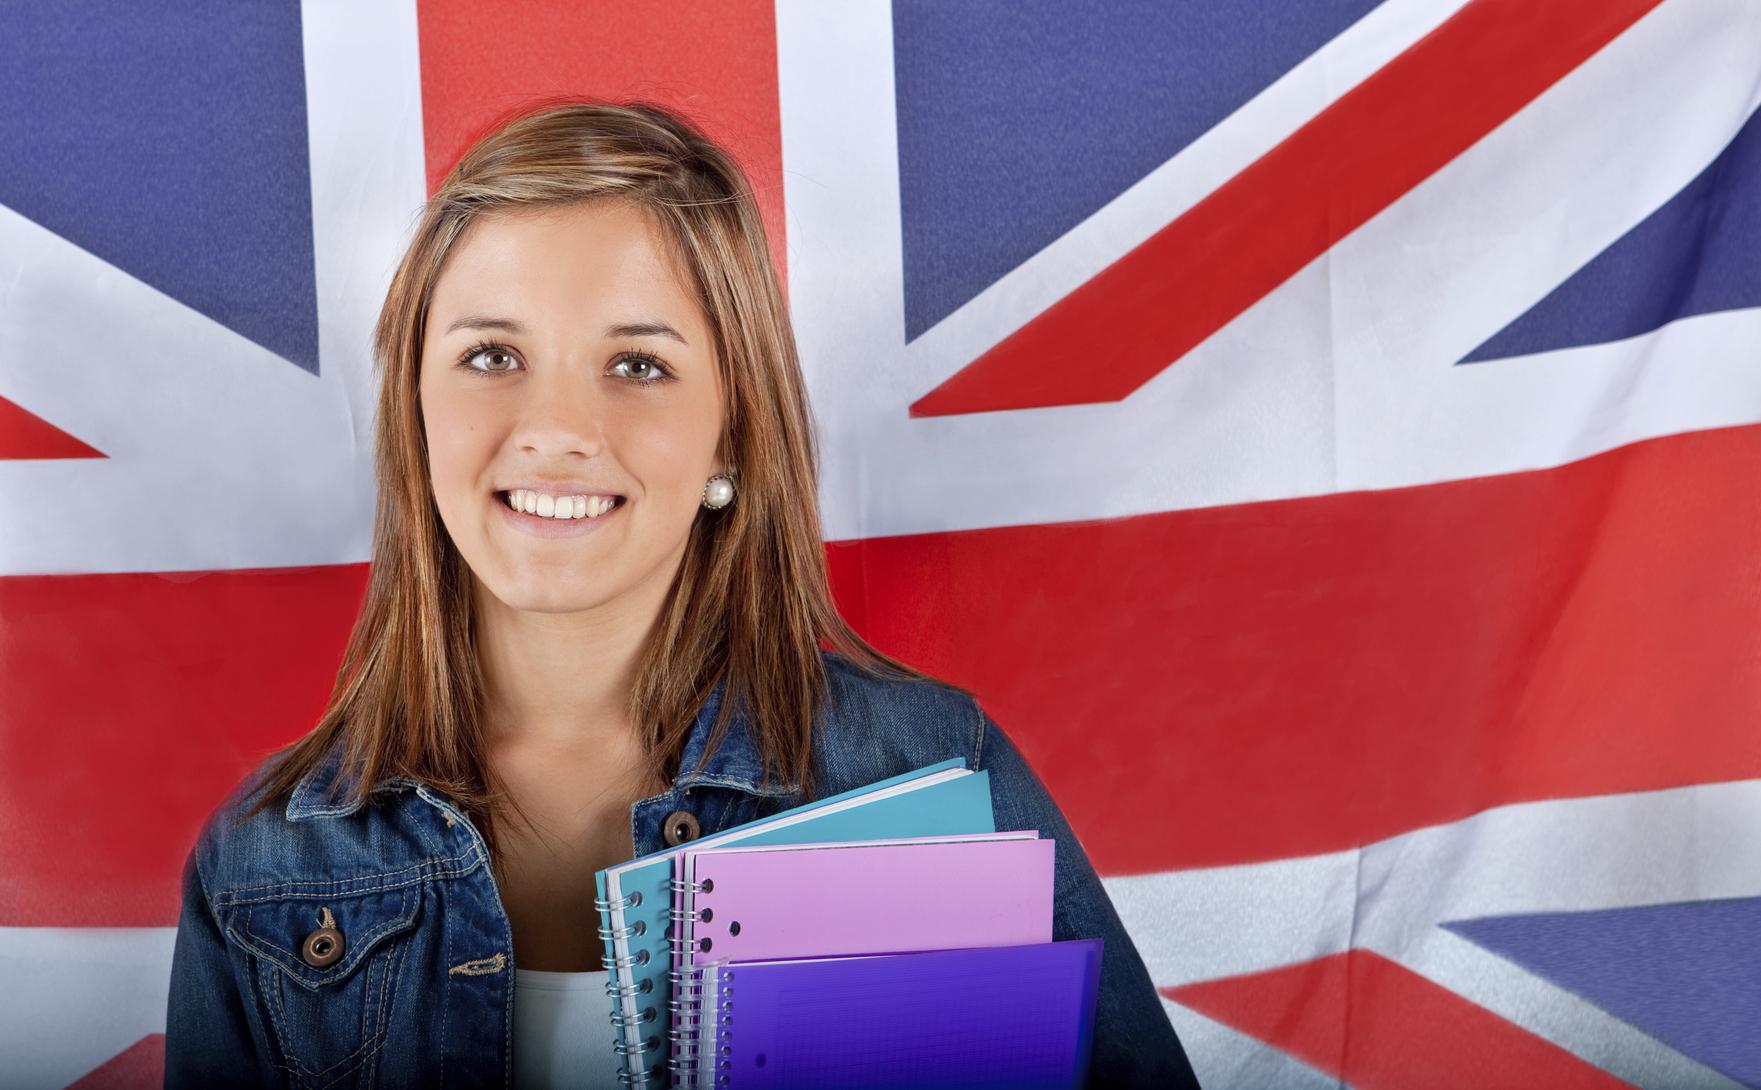 ทุนการศึกษา มหาวิทยาลัย สหราชอาณาจักร เรียนต่อต่างประเทศ